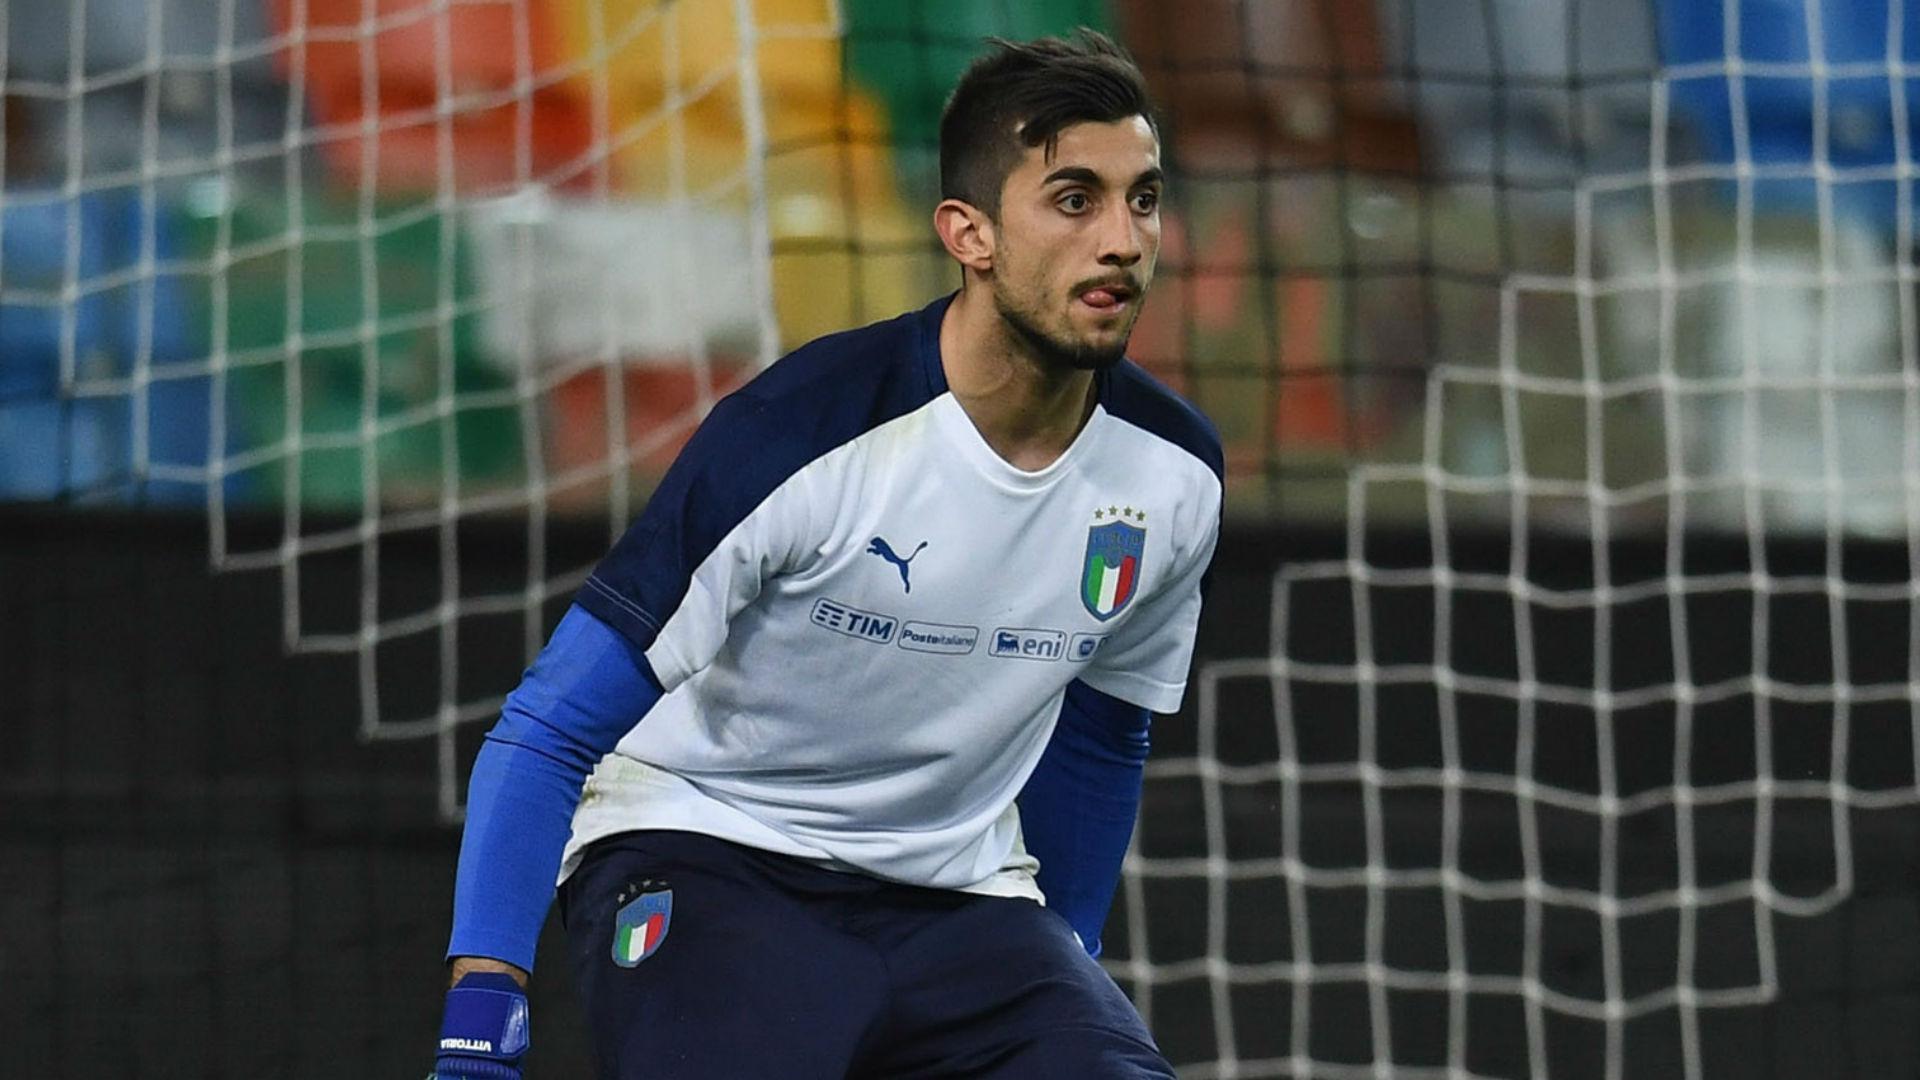 Nazionale_contrattempo Perin si ferma nella rifinitura, può tornare dalla Juventus